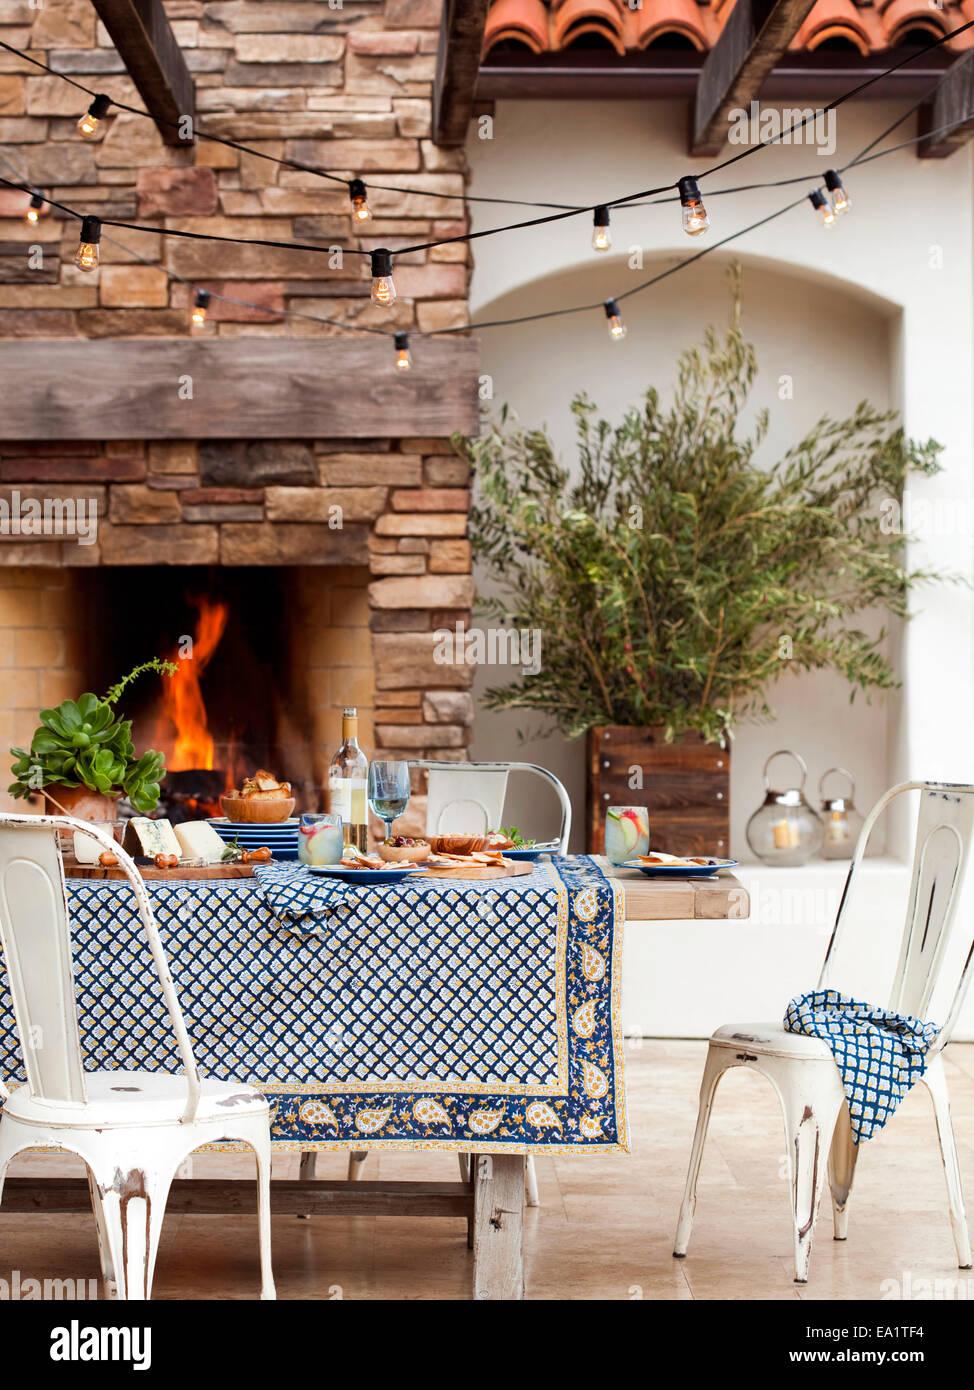 Outdoor-Gastronomie-Szene mit gedeckten Tisch und Feuer Stockbild